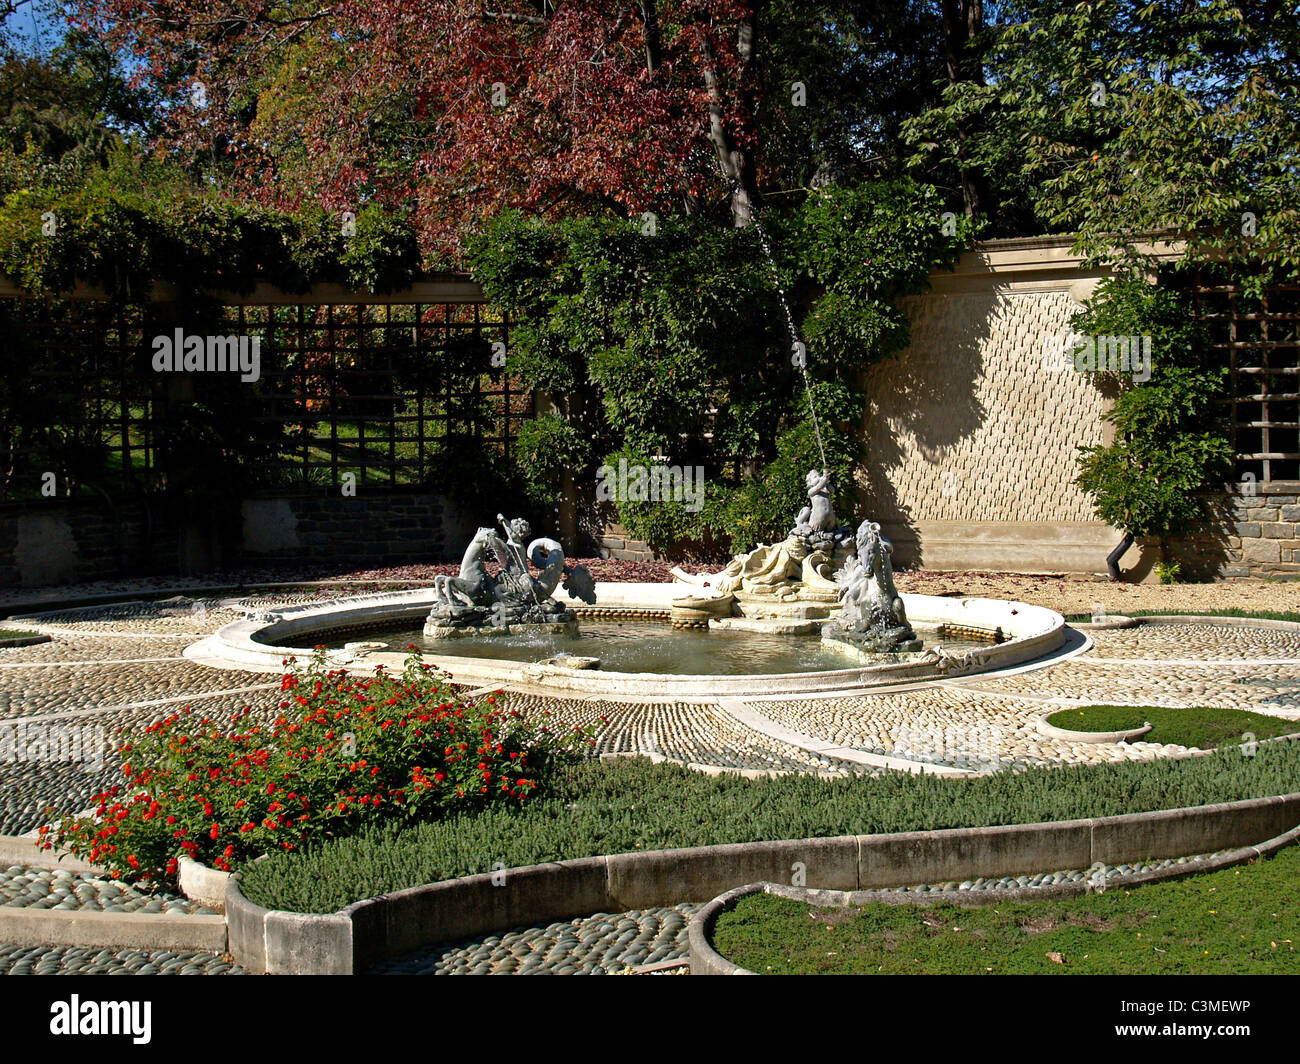 the fountain in the pebble garden at Dumbarton Oaks, Washington, DC - October 2008 - Stock Image